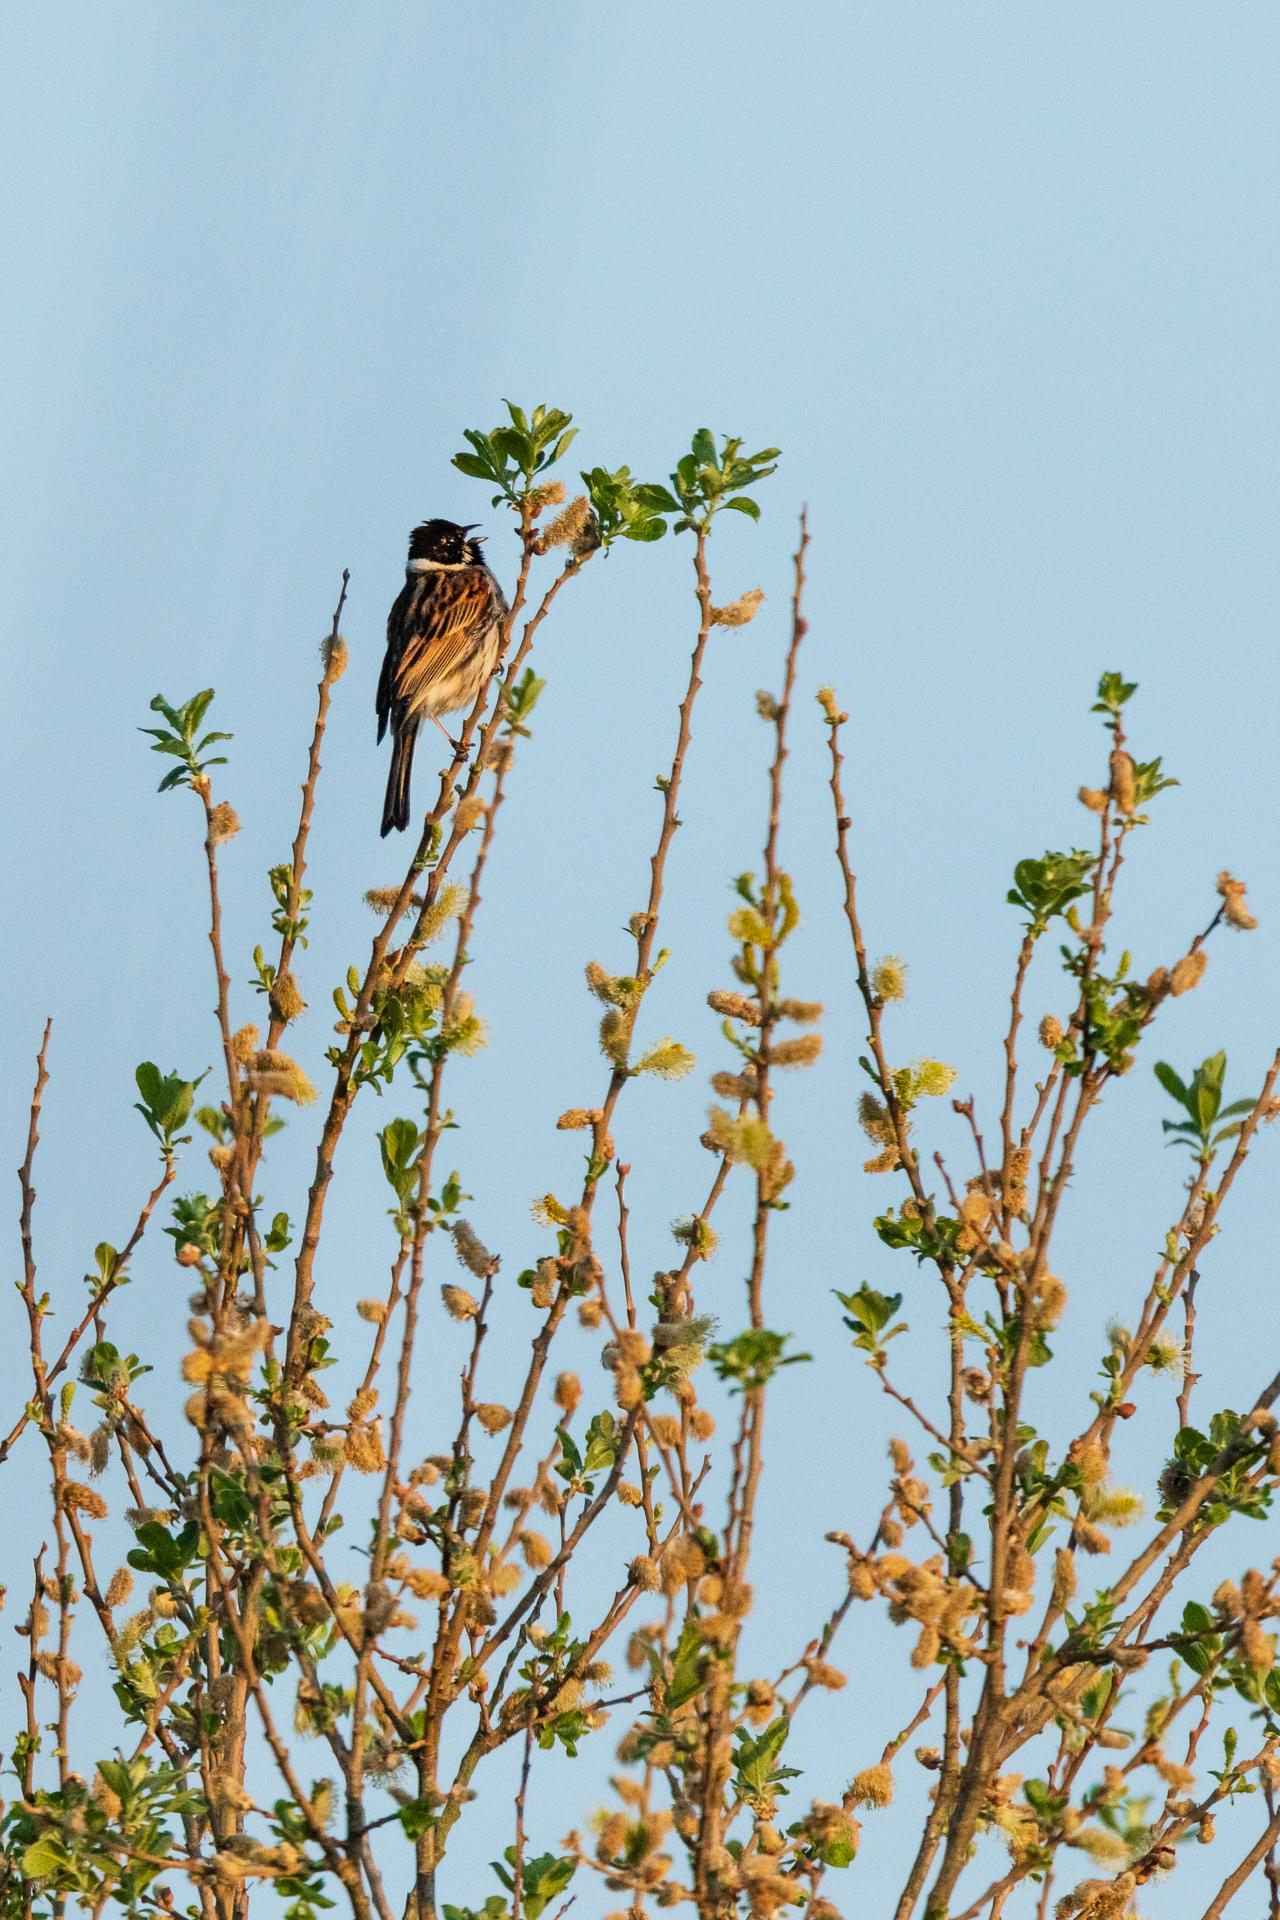 Eine männliche Rohrammer (Emberiza schoeniclus) singt in einer Weide/ Foto: Andreas Sebald